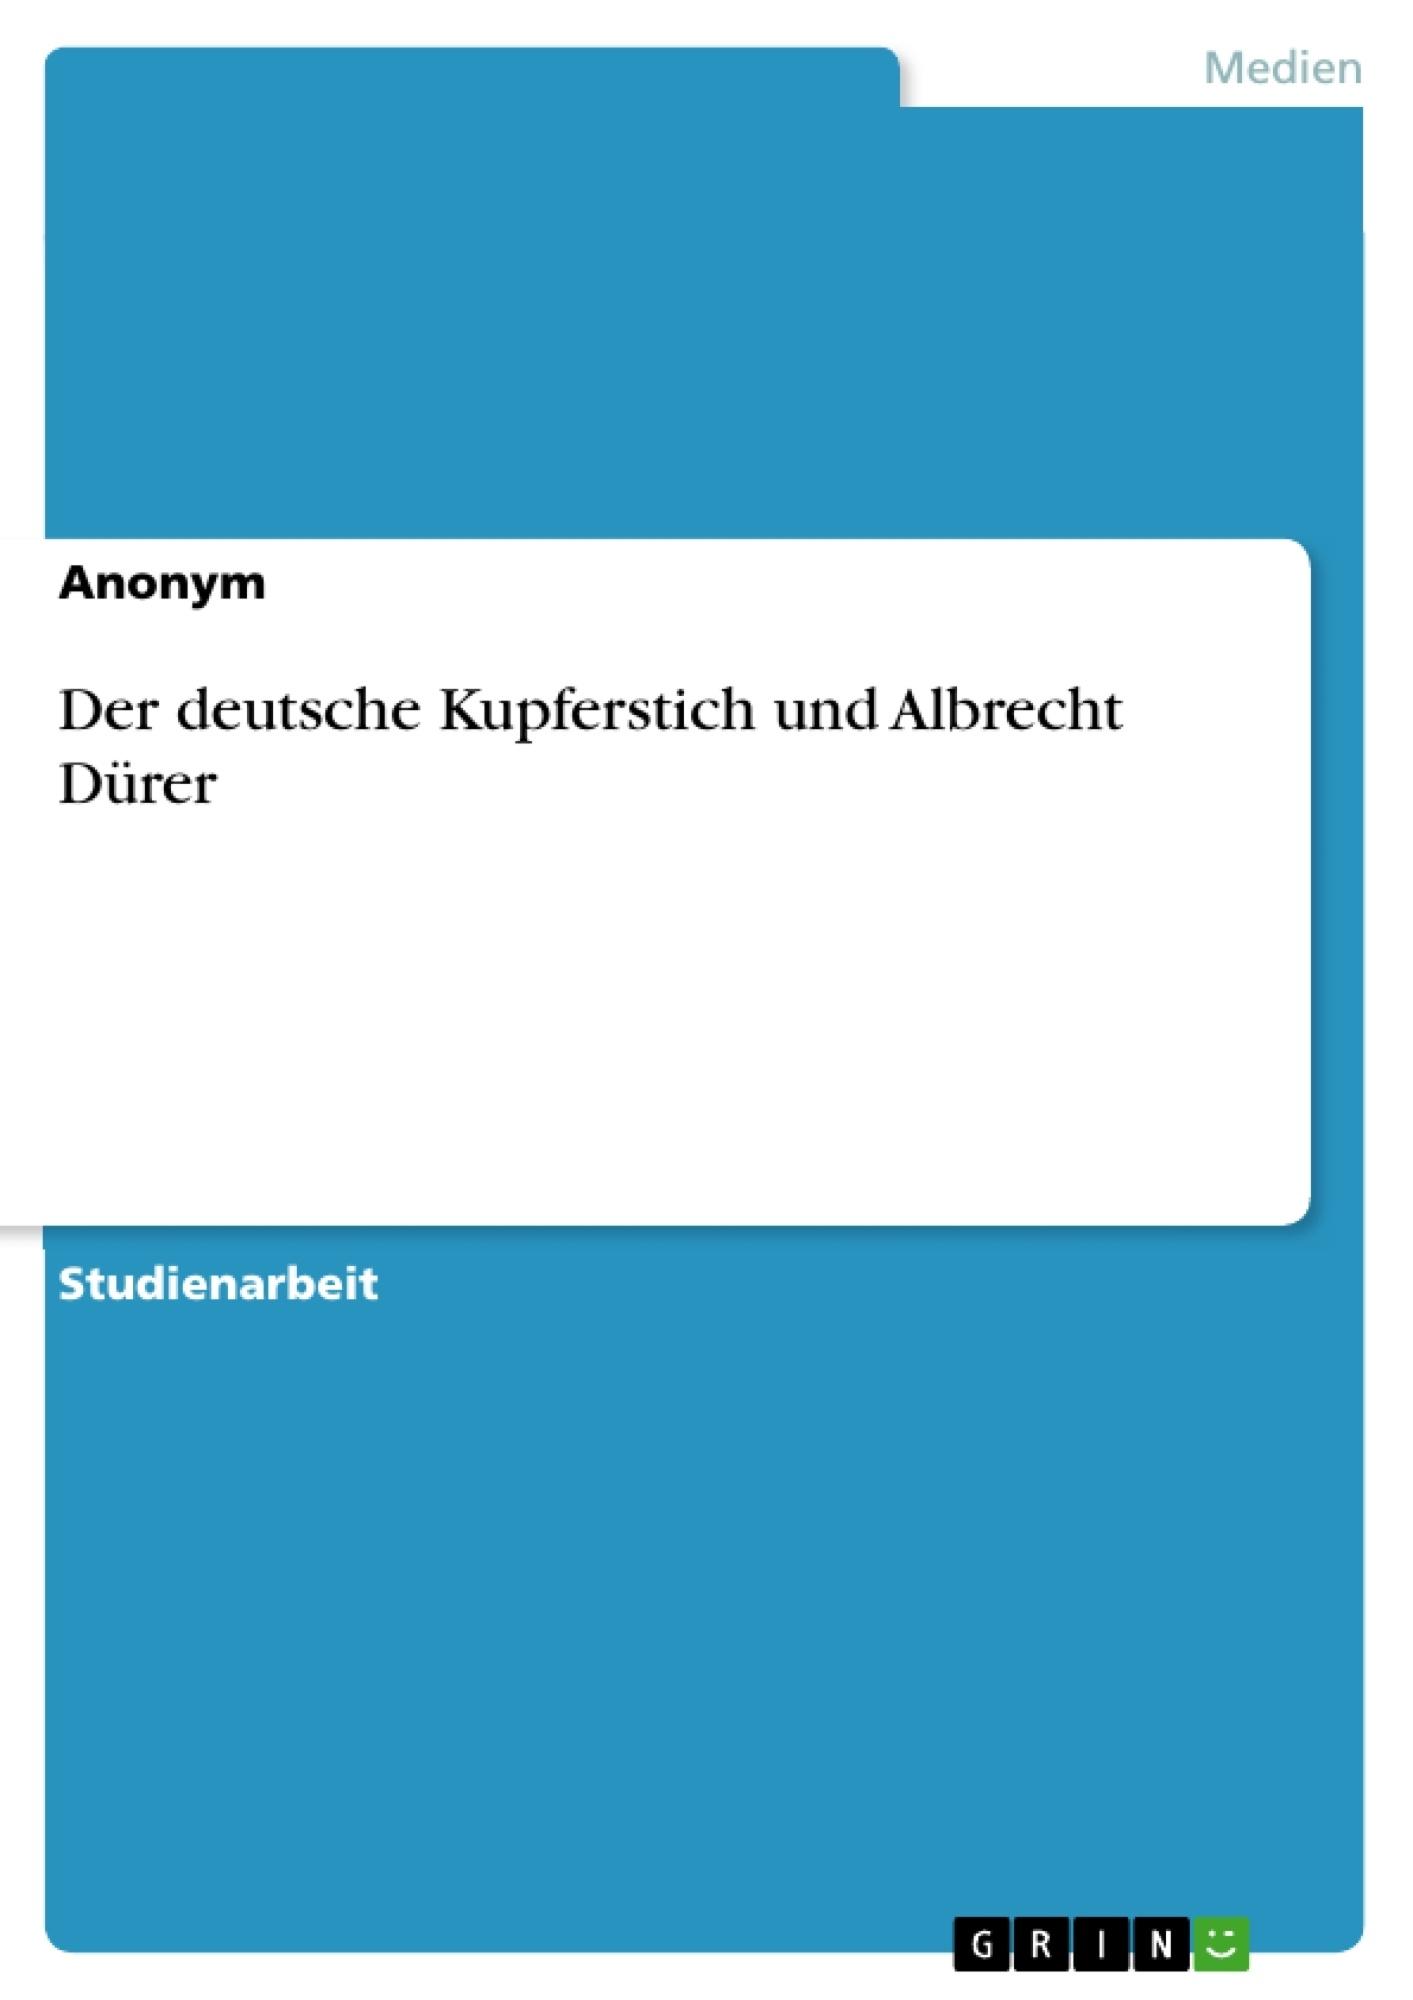 Titel: Der deutsche Kupferstich und Albrecht Dürer